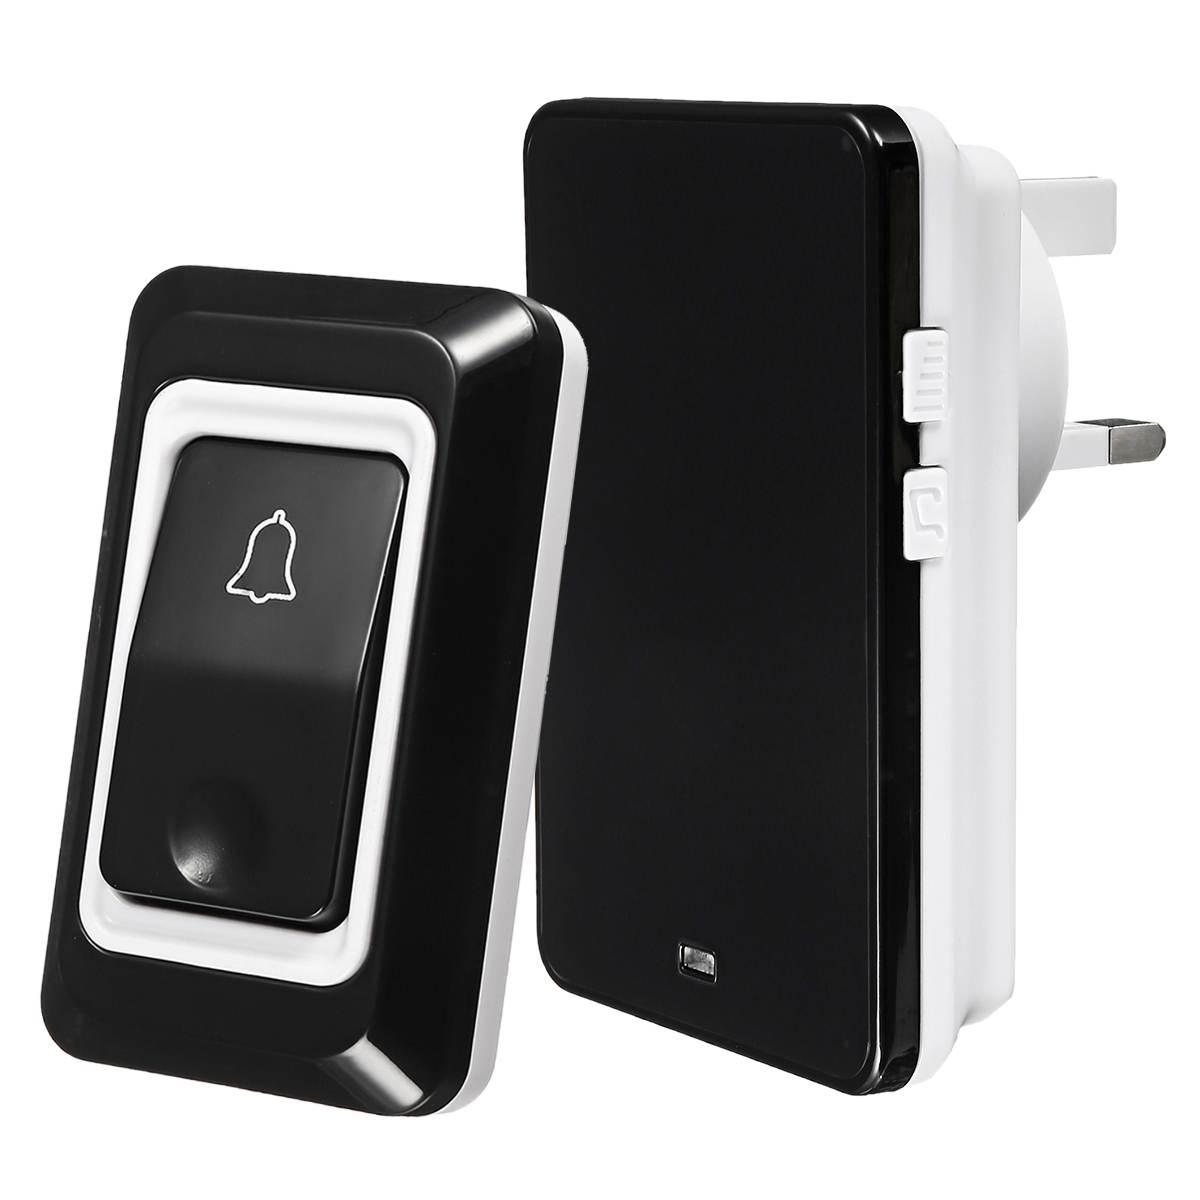 50m Remote Home Welcome Doorbell Wireless Doorbell IP68 Waterproof EU AU UK US Plug 28 Songs Door Bell Indoor Chime